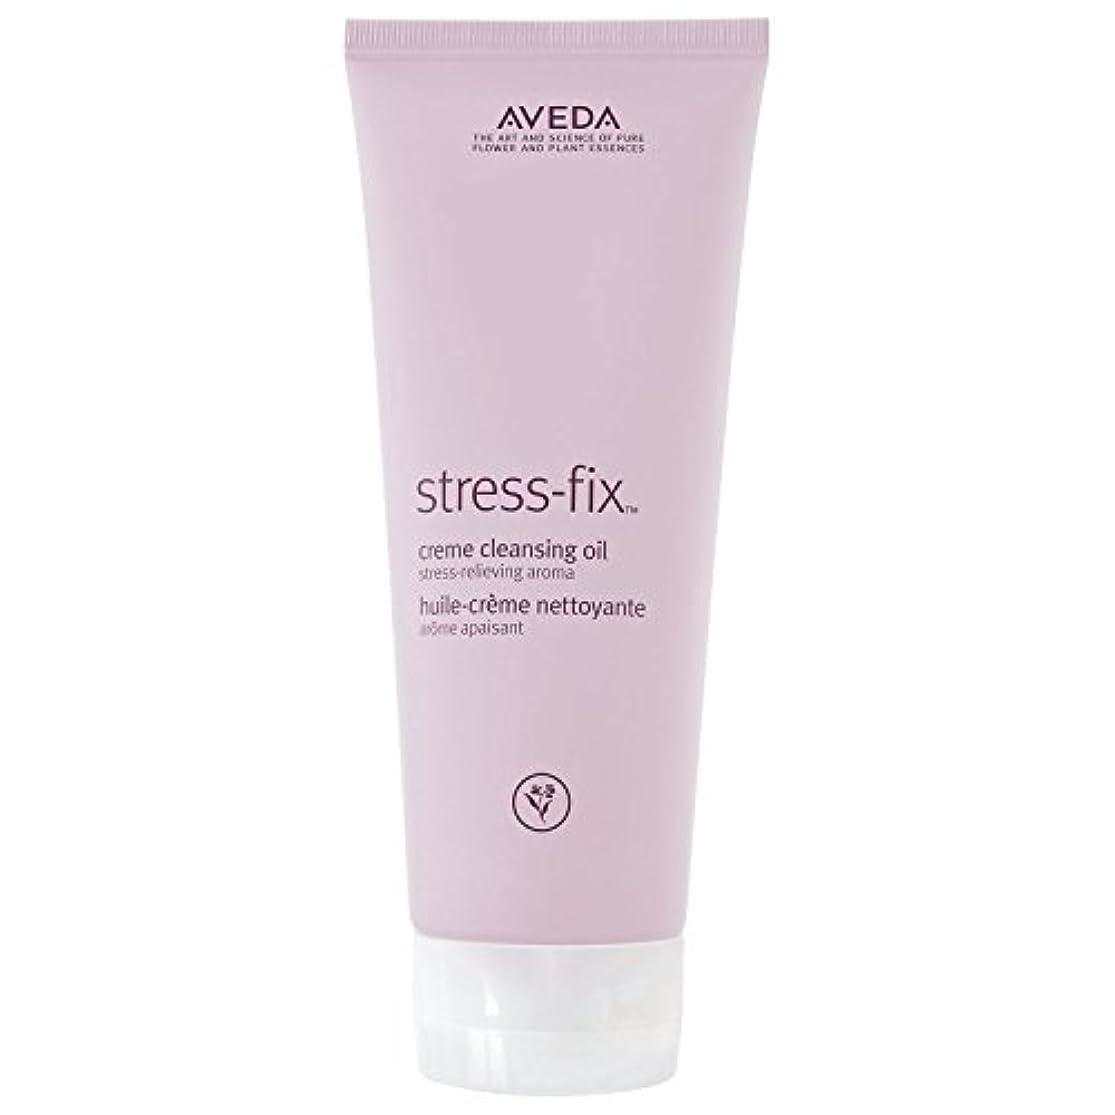 典型的な比喩風変わりな[AVEDA] アヴェダストレスフィックスクリームクレンジングオイル200ミリリットル - Aveda Stress Fix Creme Cleansing Oil 200ml [並行輸入品]